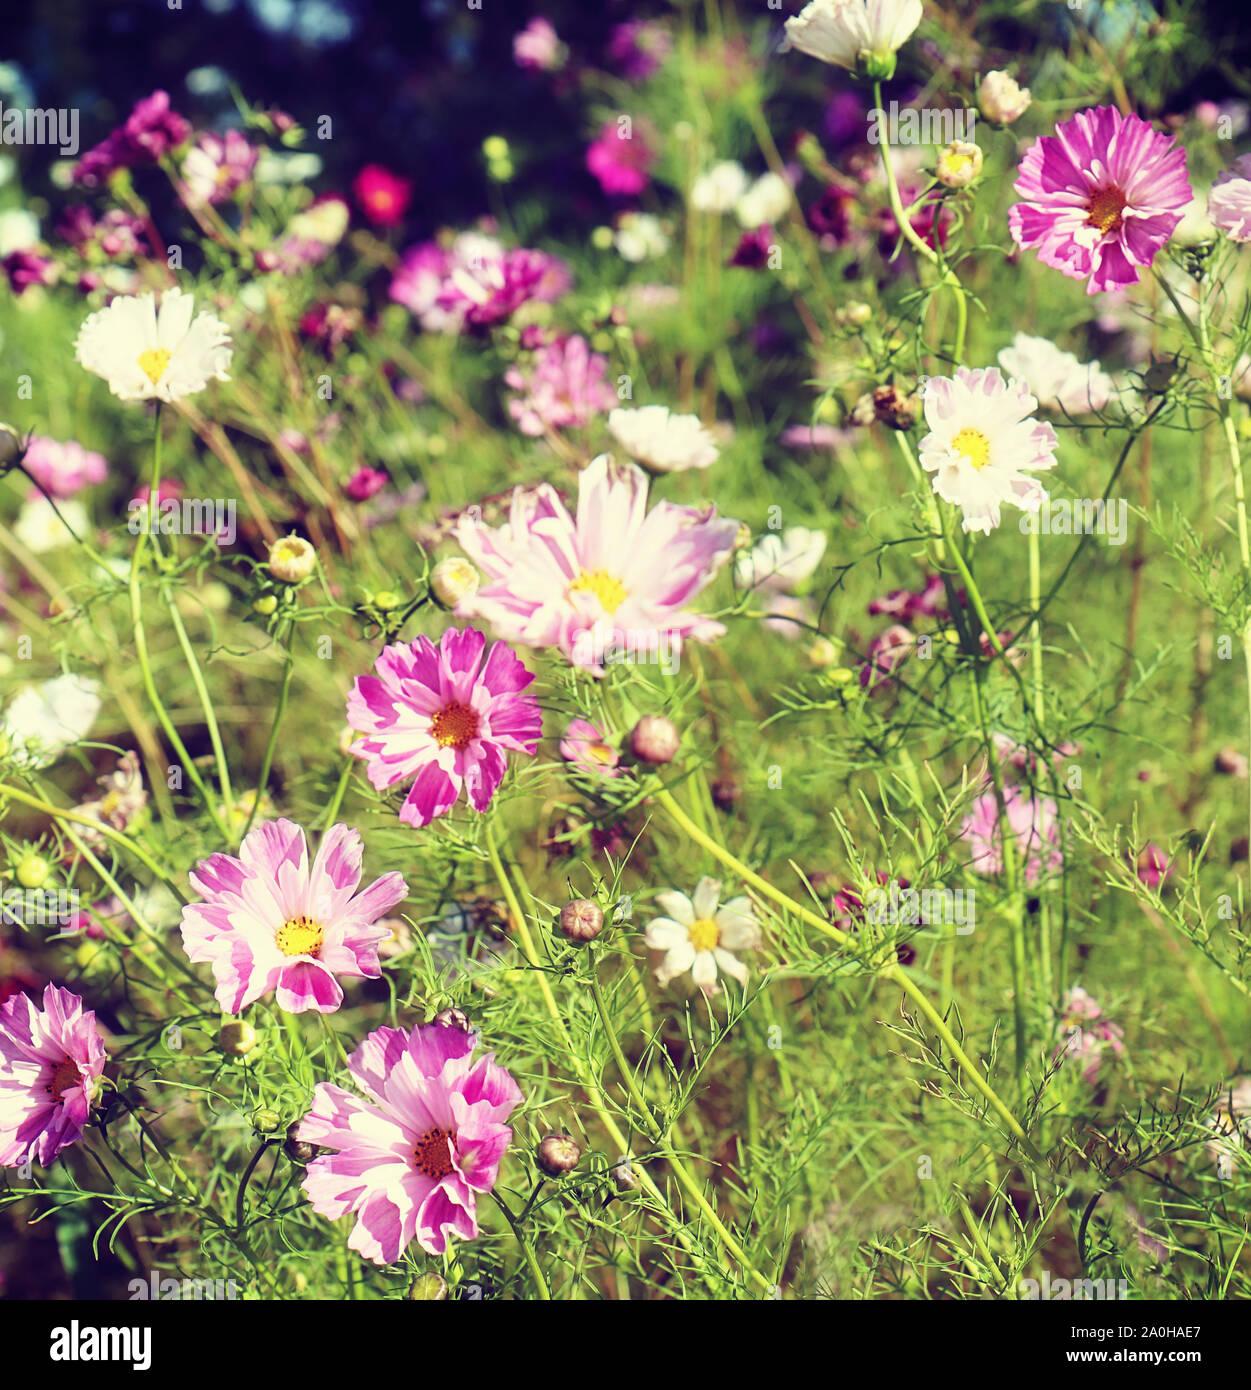 Sommer Wiese in Bayern coutryside voll von schönen Rosa Gänseblümchen Stockfoto